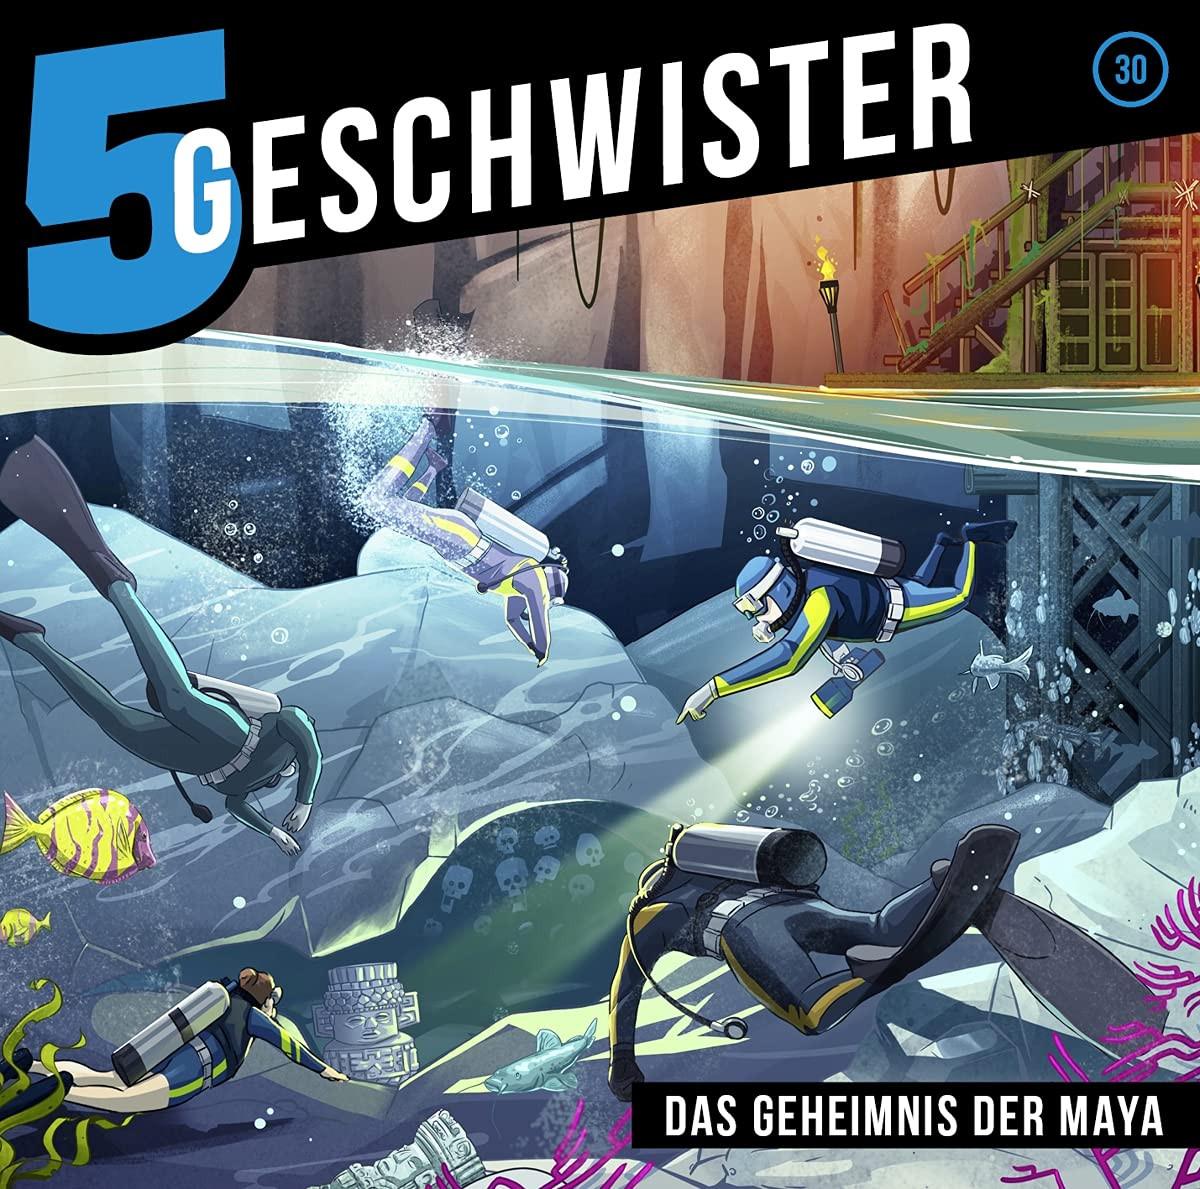 5 Geschwister - Folge 30: Das Geheimnis der Maya